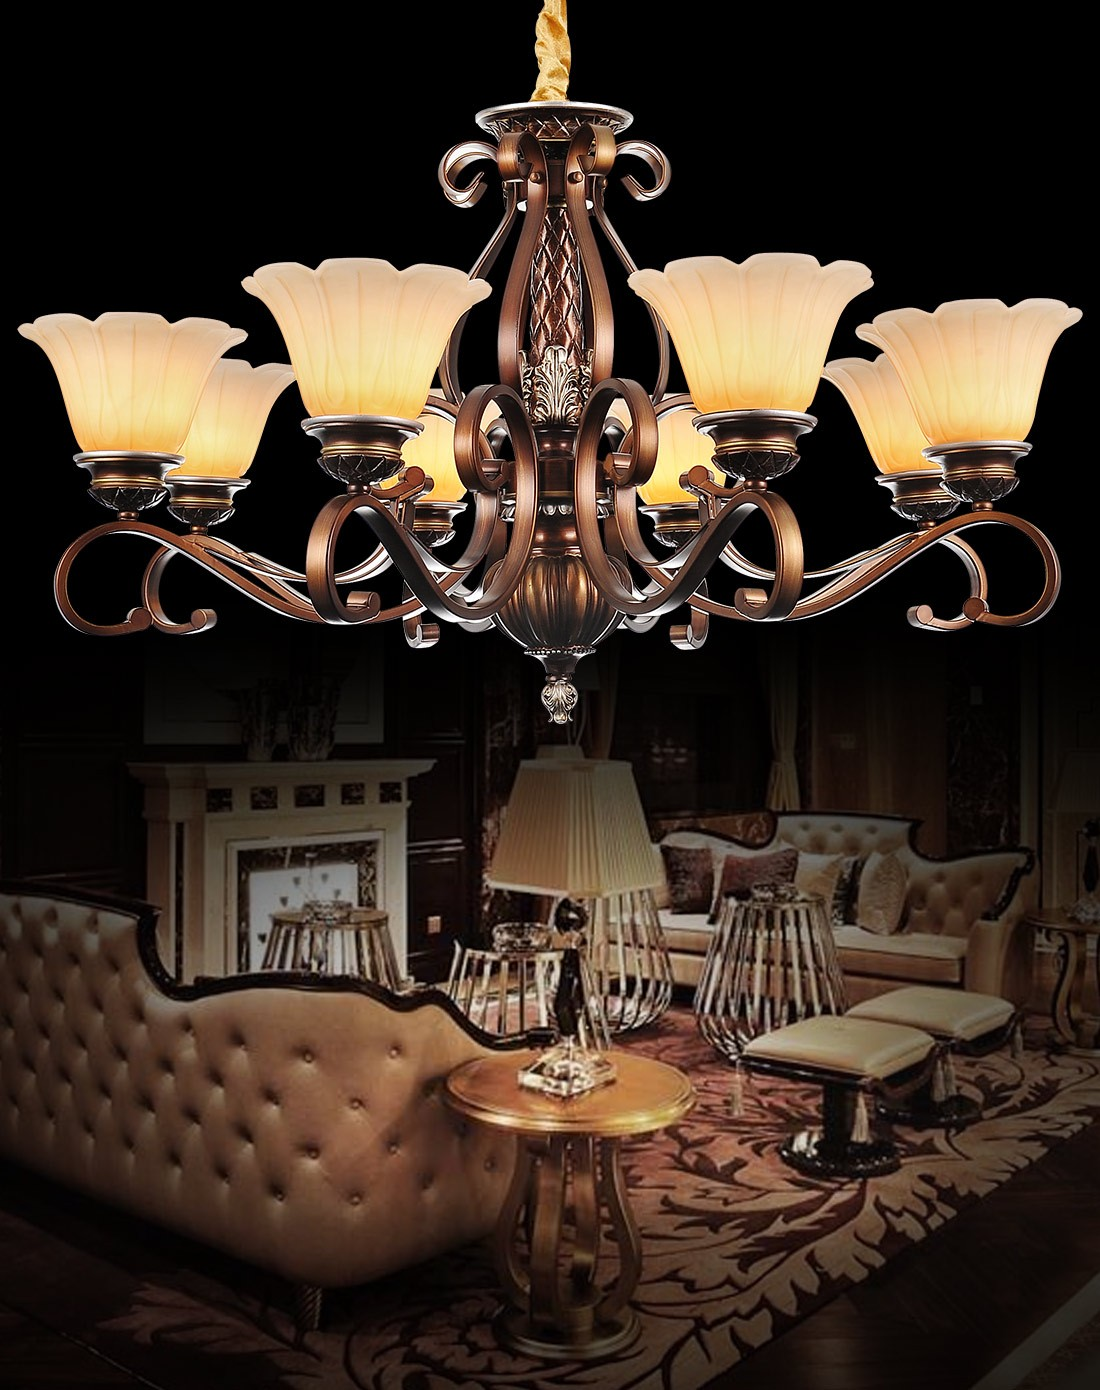 歐式吊燈簡歐田園客廳燈飾樹脂吊燈ys2001